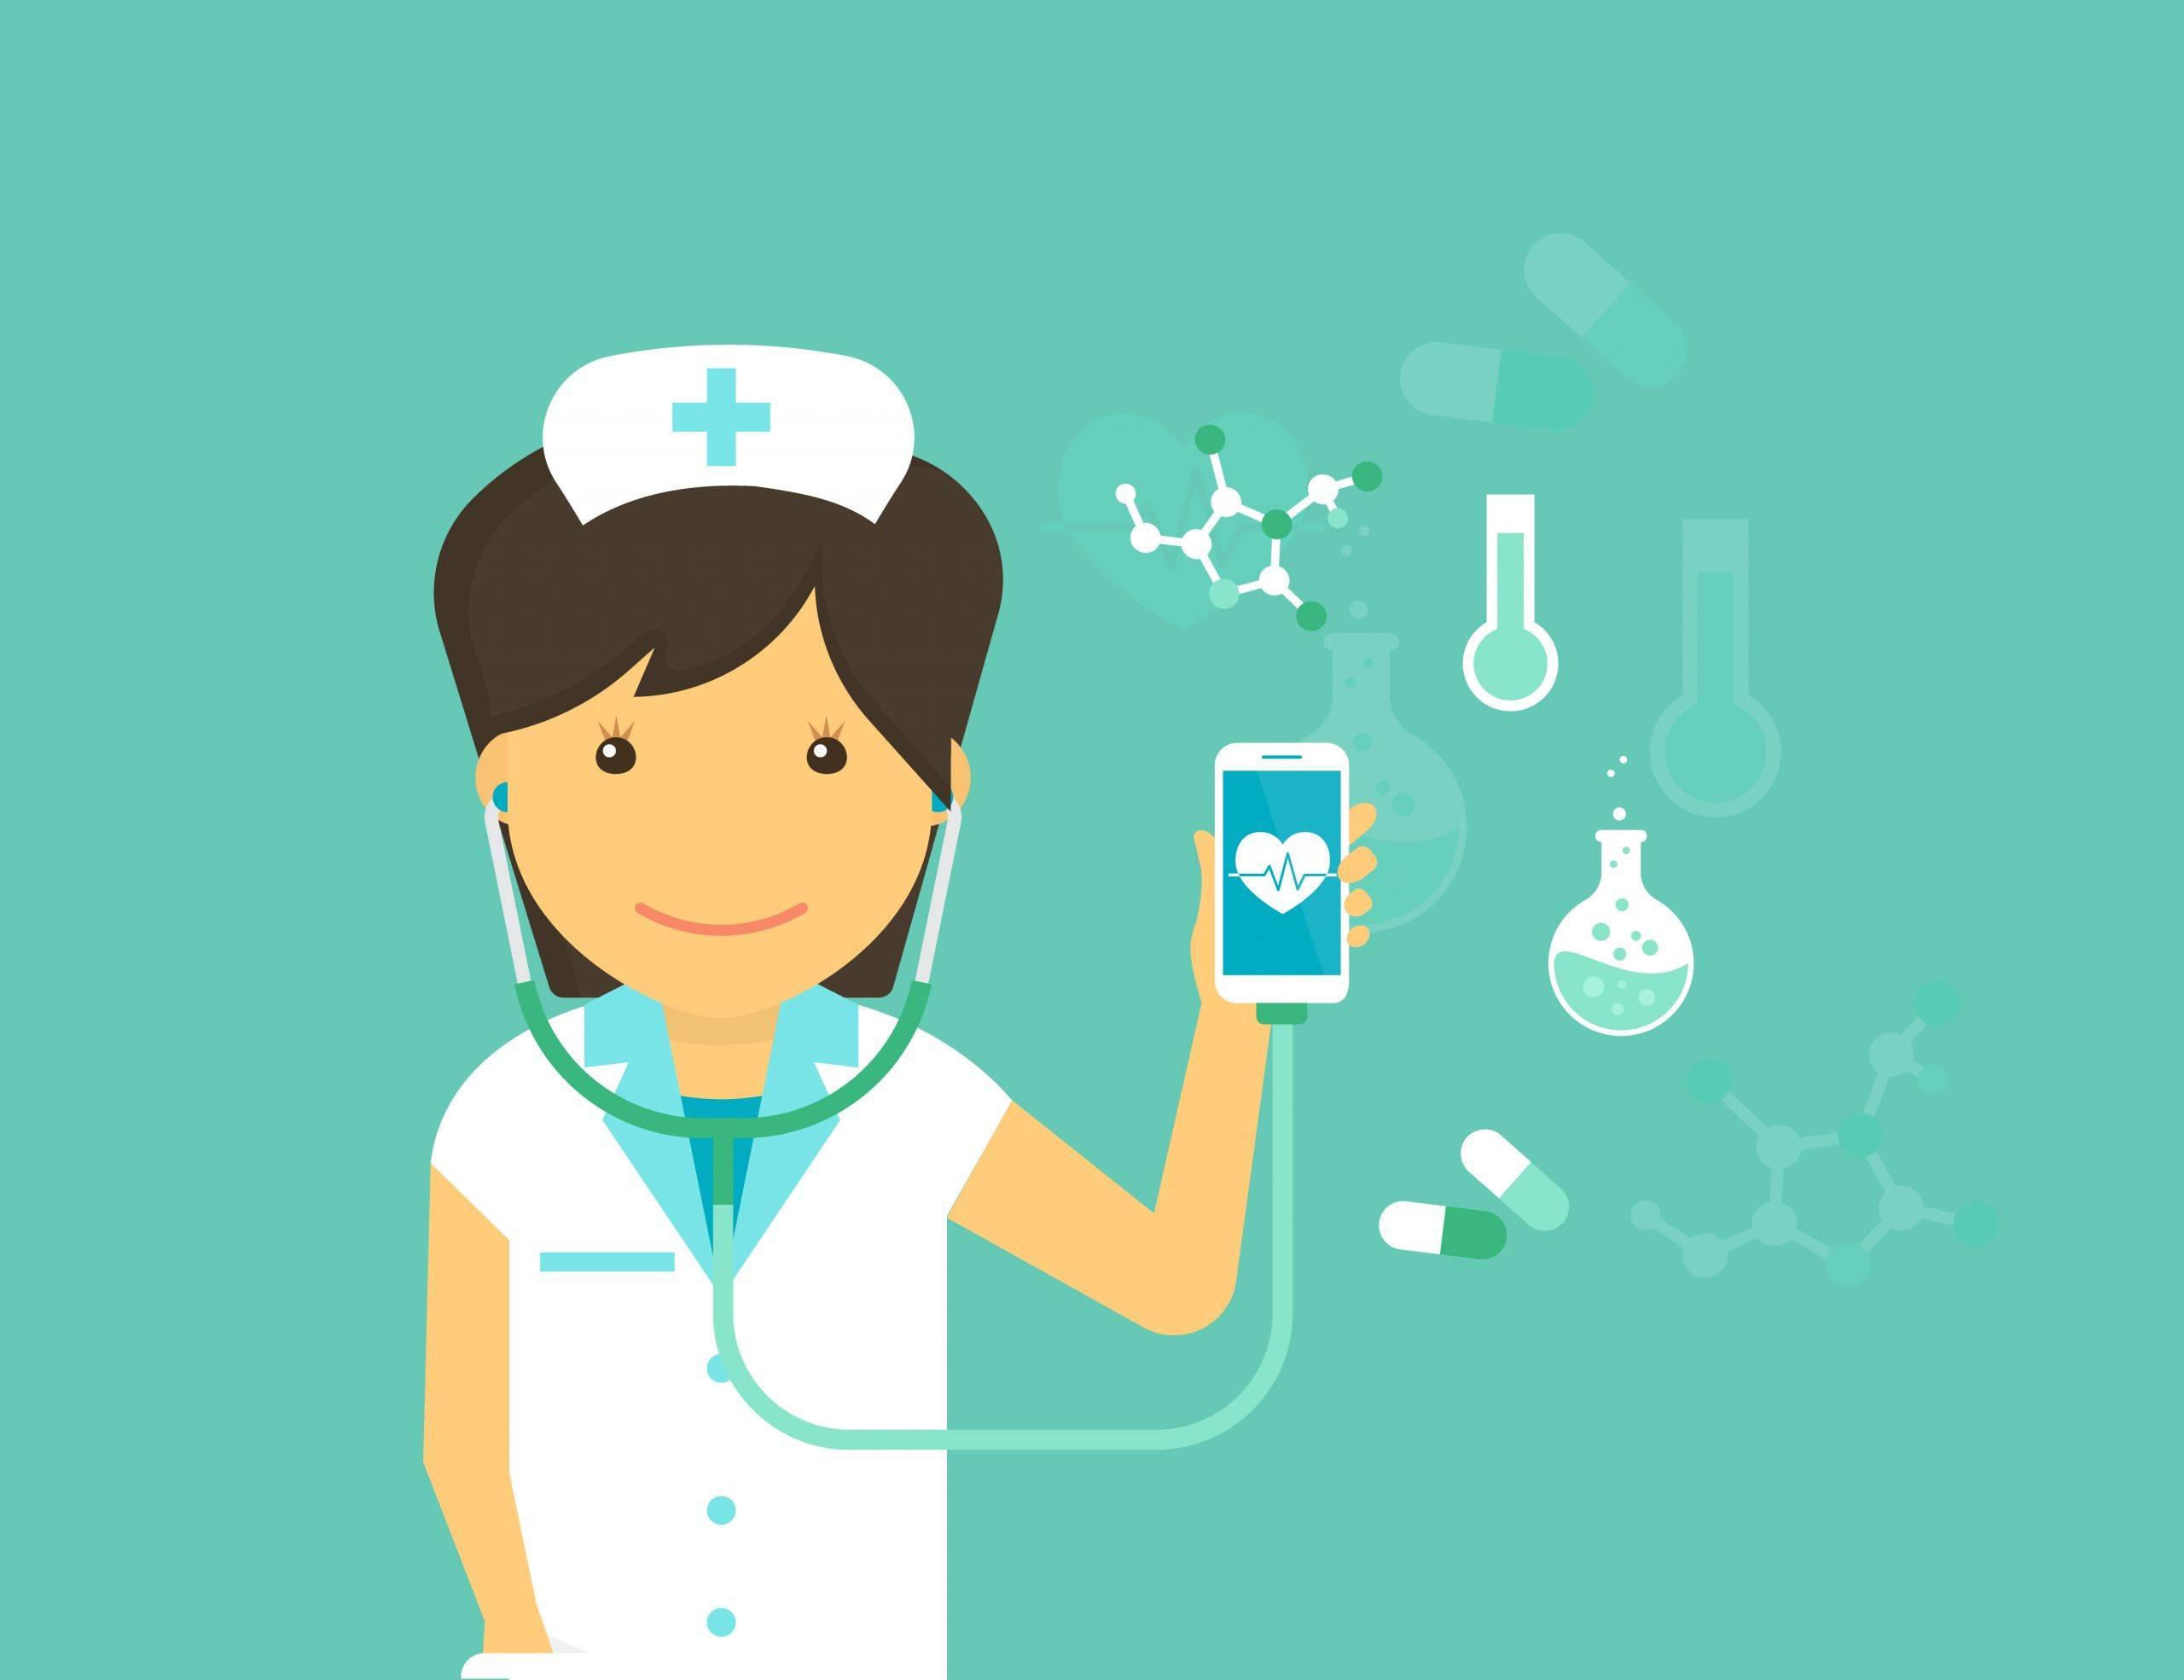 Ψηφιακή αγορά νοσοκόμα εργοδότης: Διαδικτυακή πλατφόρμα πρόσληψης